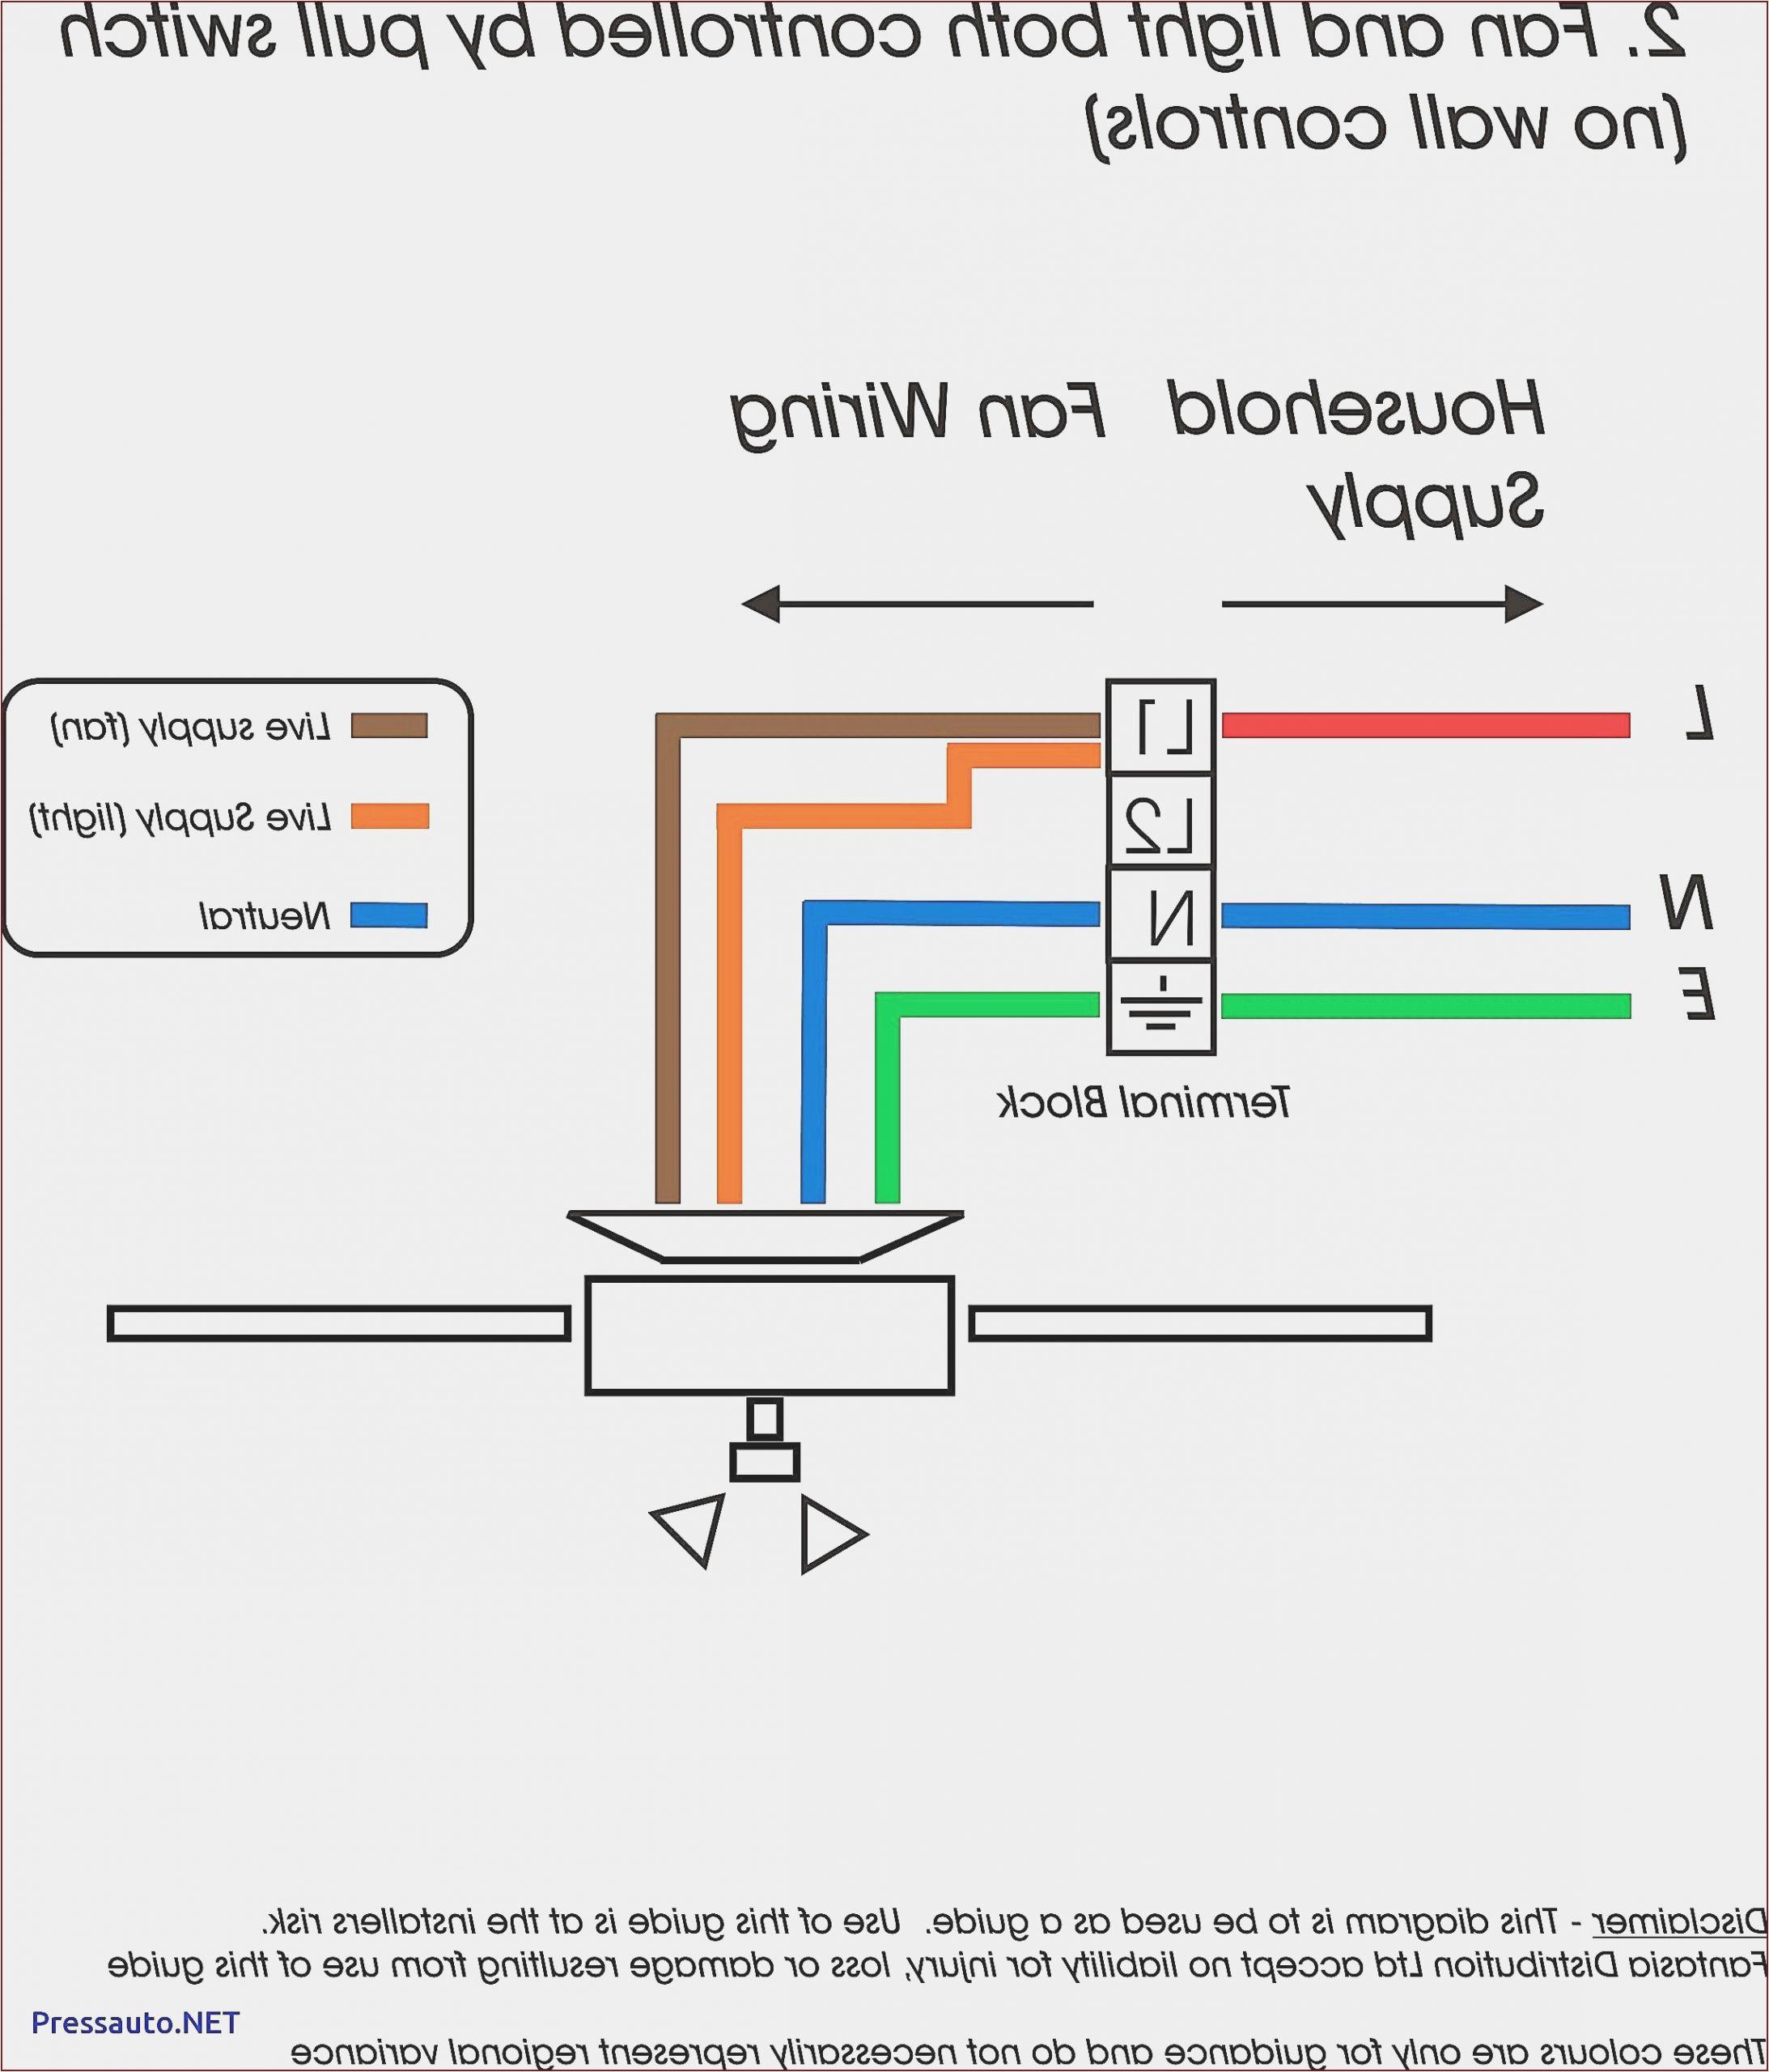 nutone fan light wiring diagram of nutone fan light wiring diagram jpg